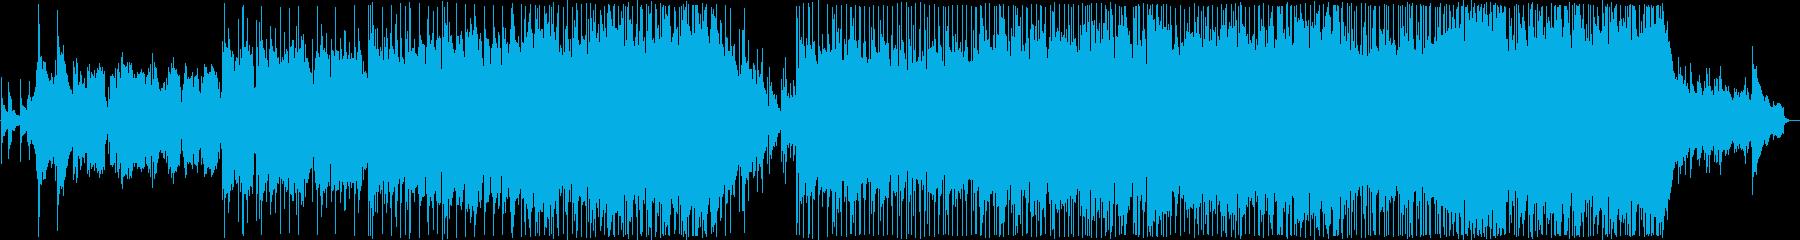 優しい雰囲気のバラード13の再生済みの波形